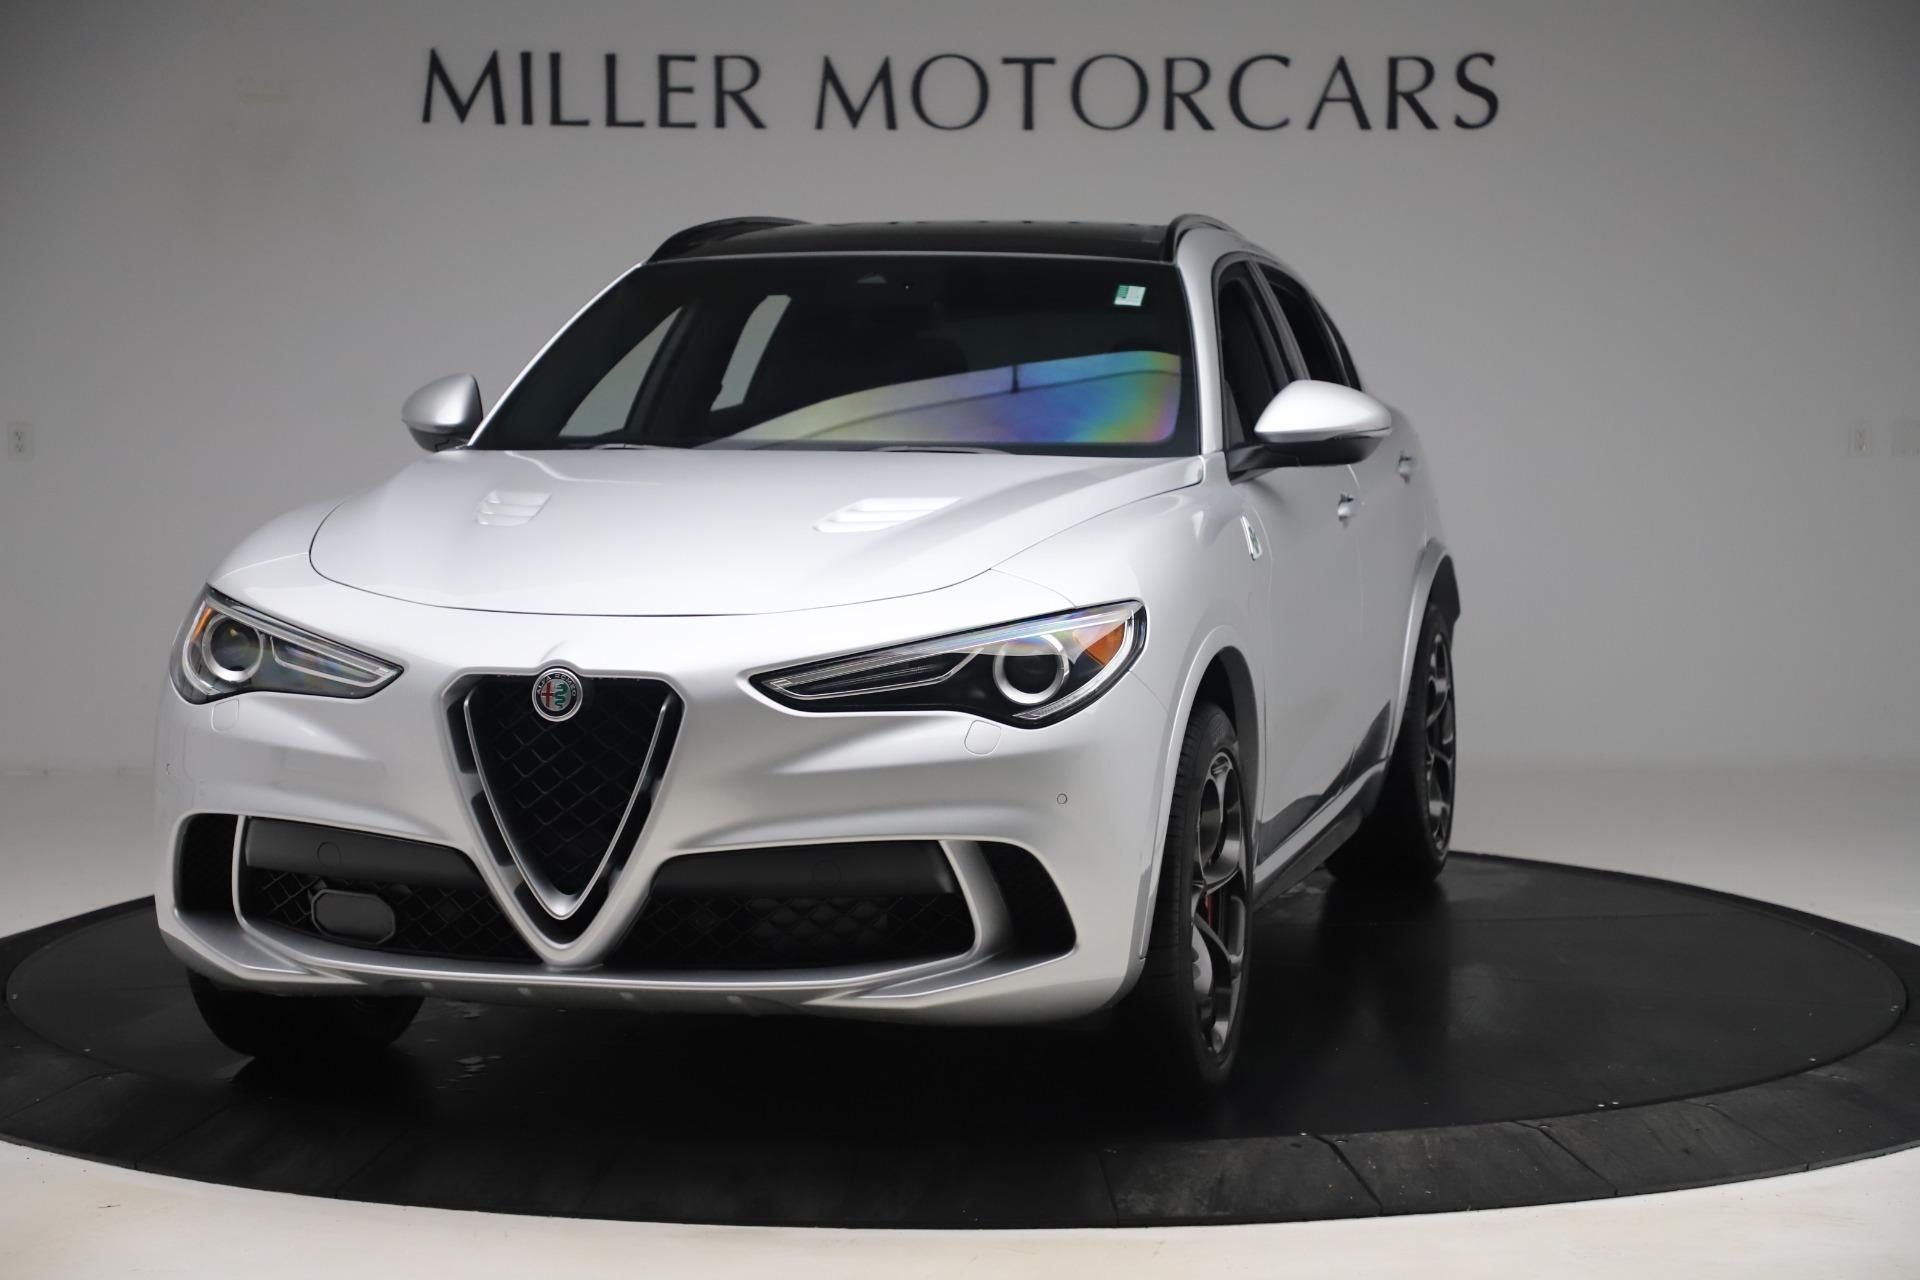 Used 2019 Alfa Romeo Stelvio Quadrifoglio for sale $68,000 at Bentley Greenwich in Greenwich CT 06830 1